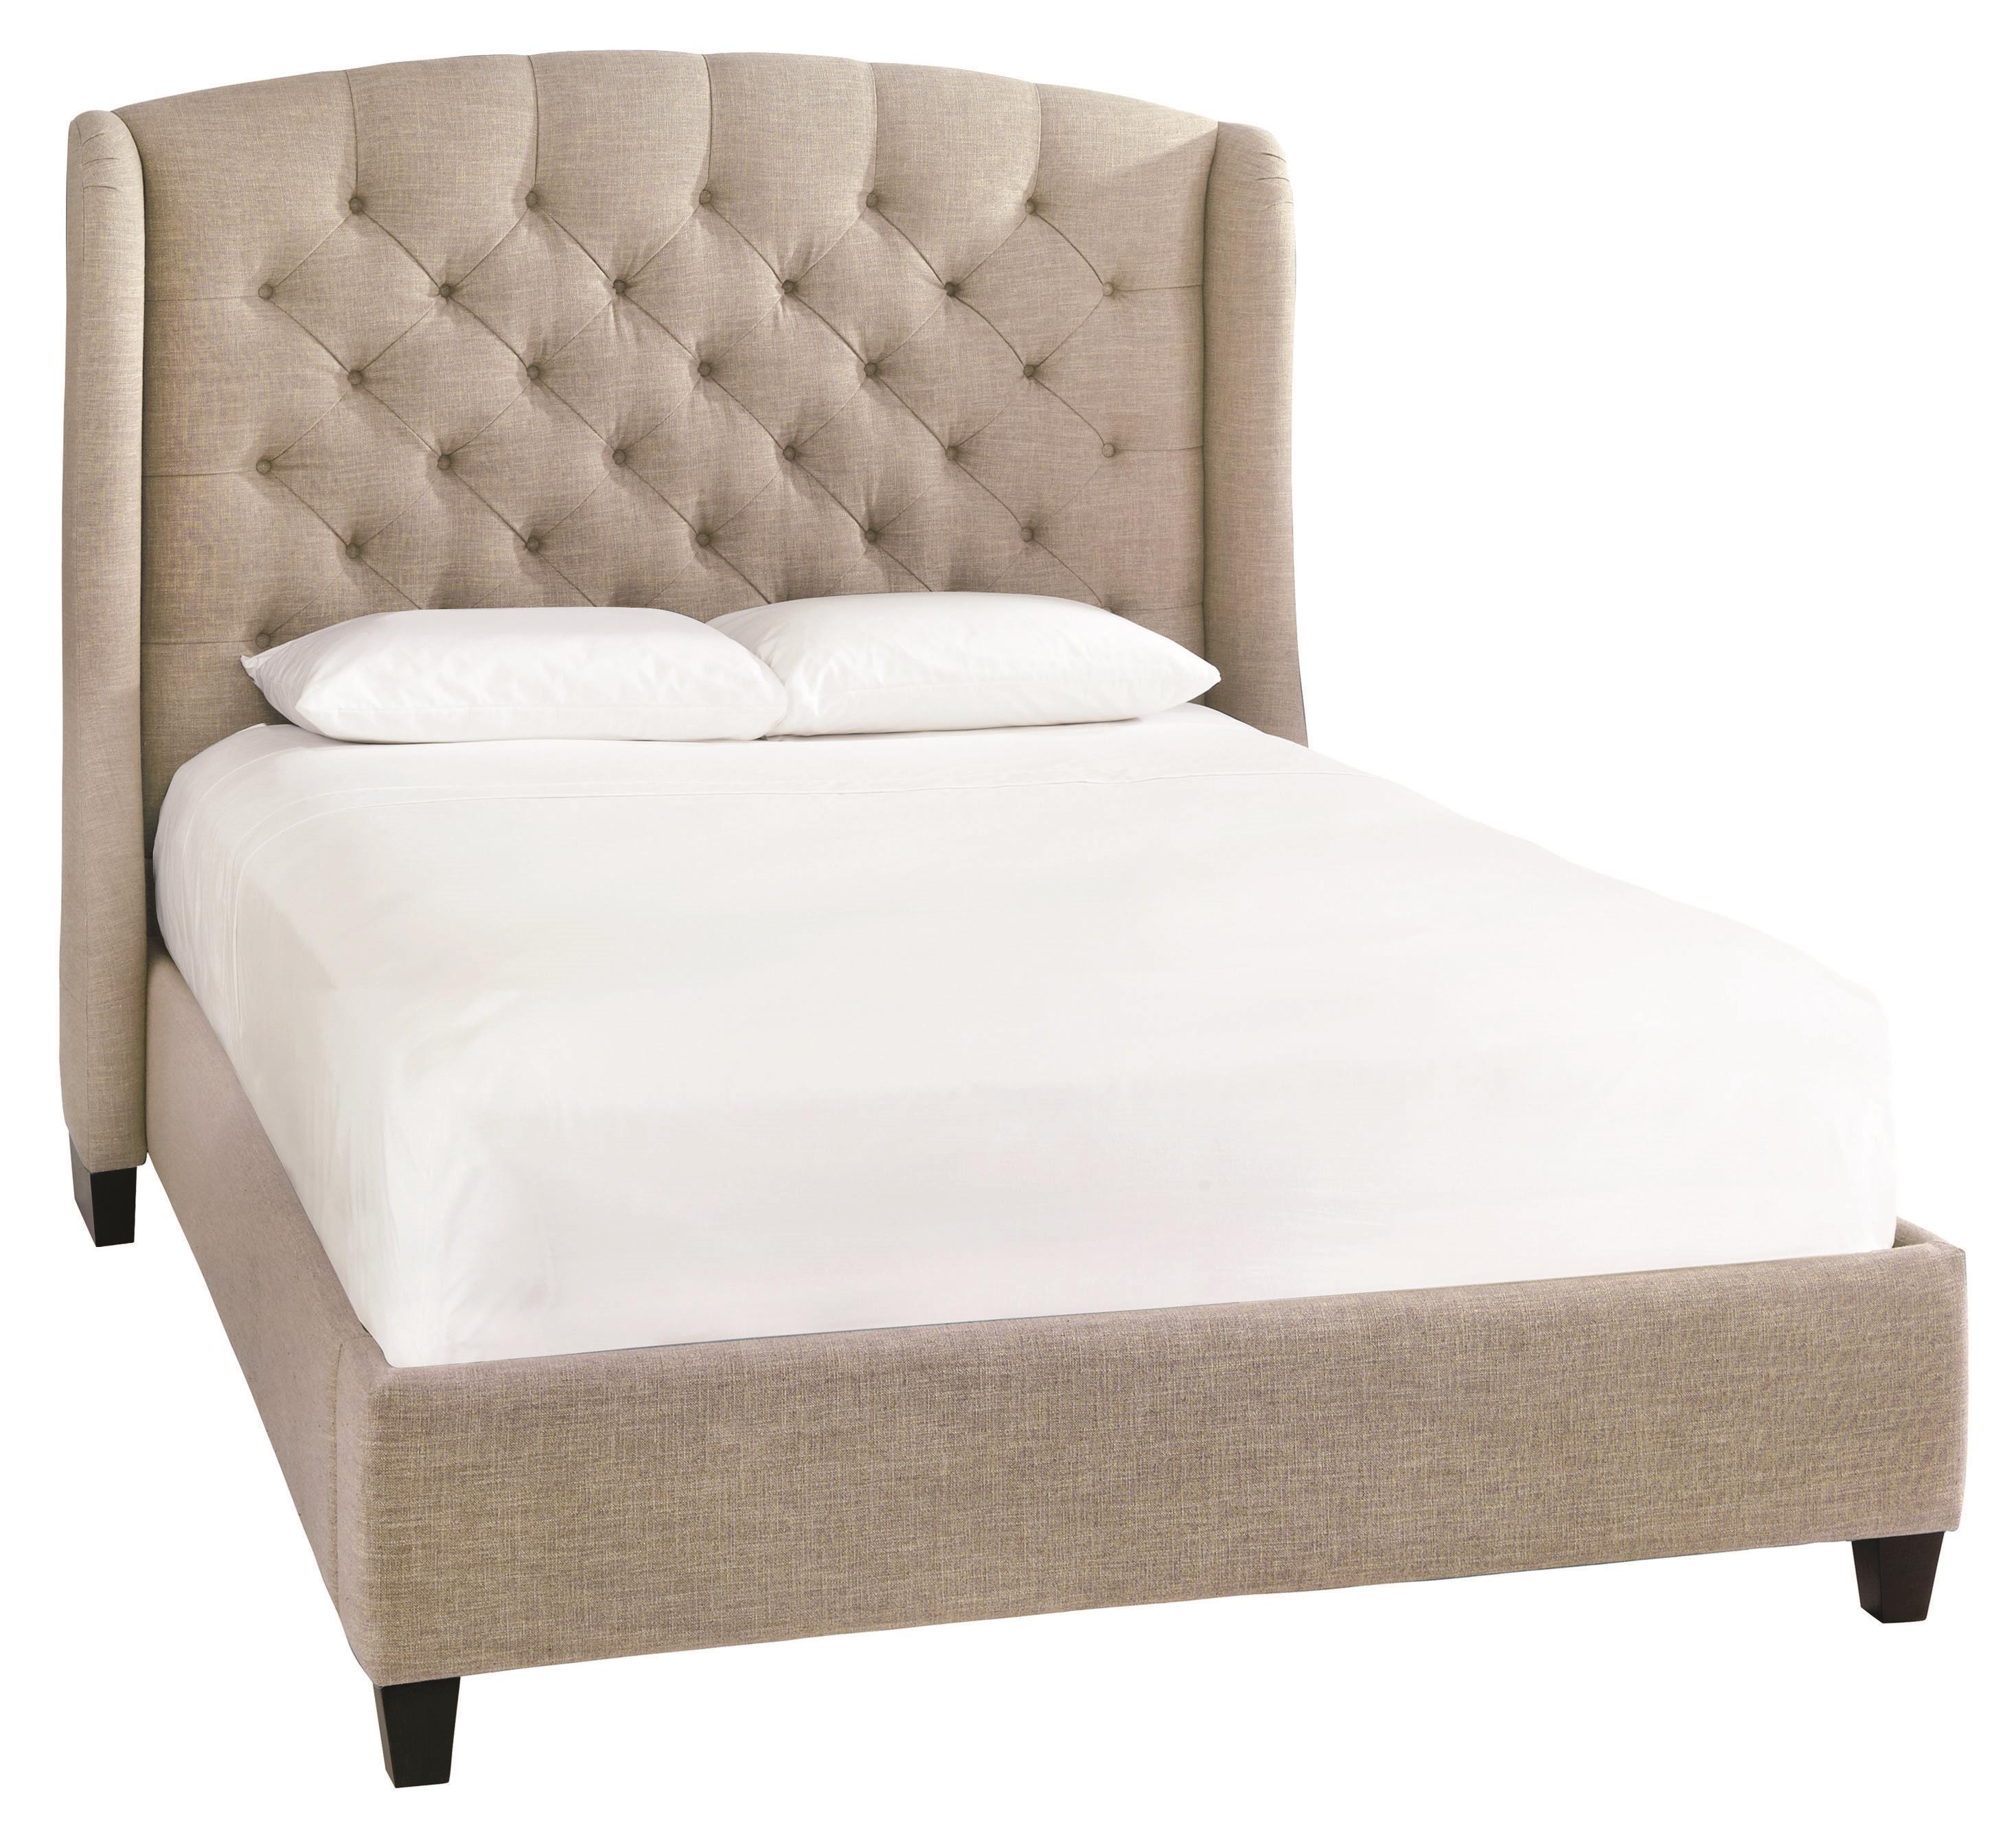 Bassett Custom Upholstered Beds Paris Queen Size